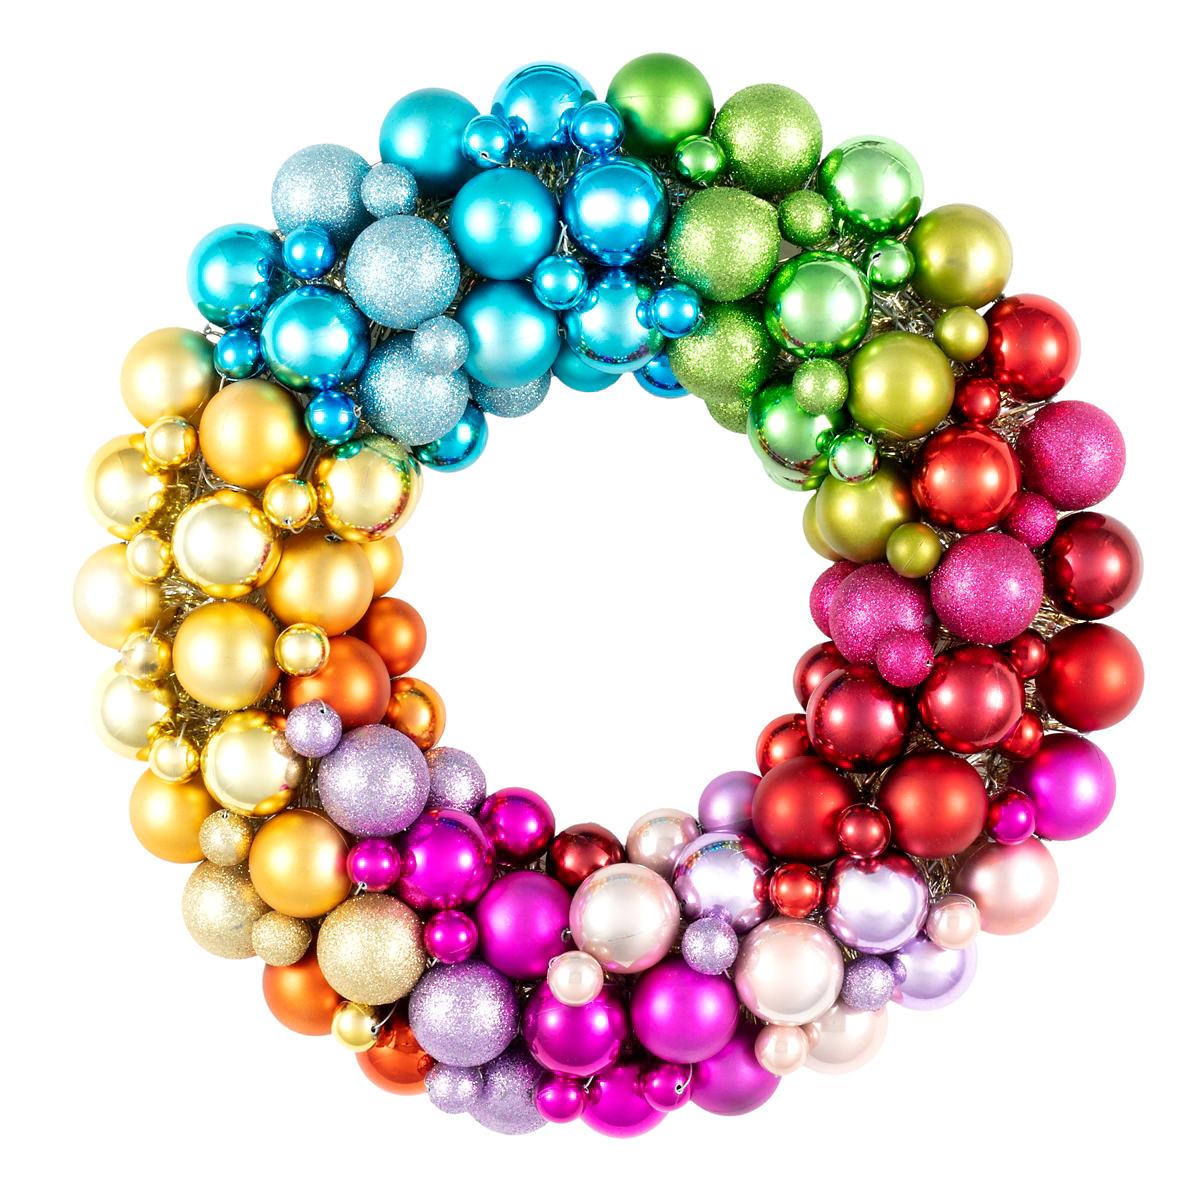 Rainbow Ball Wreath